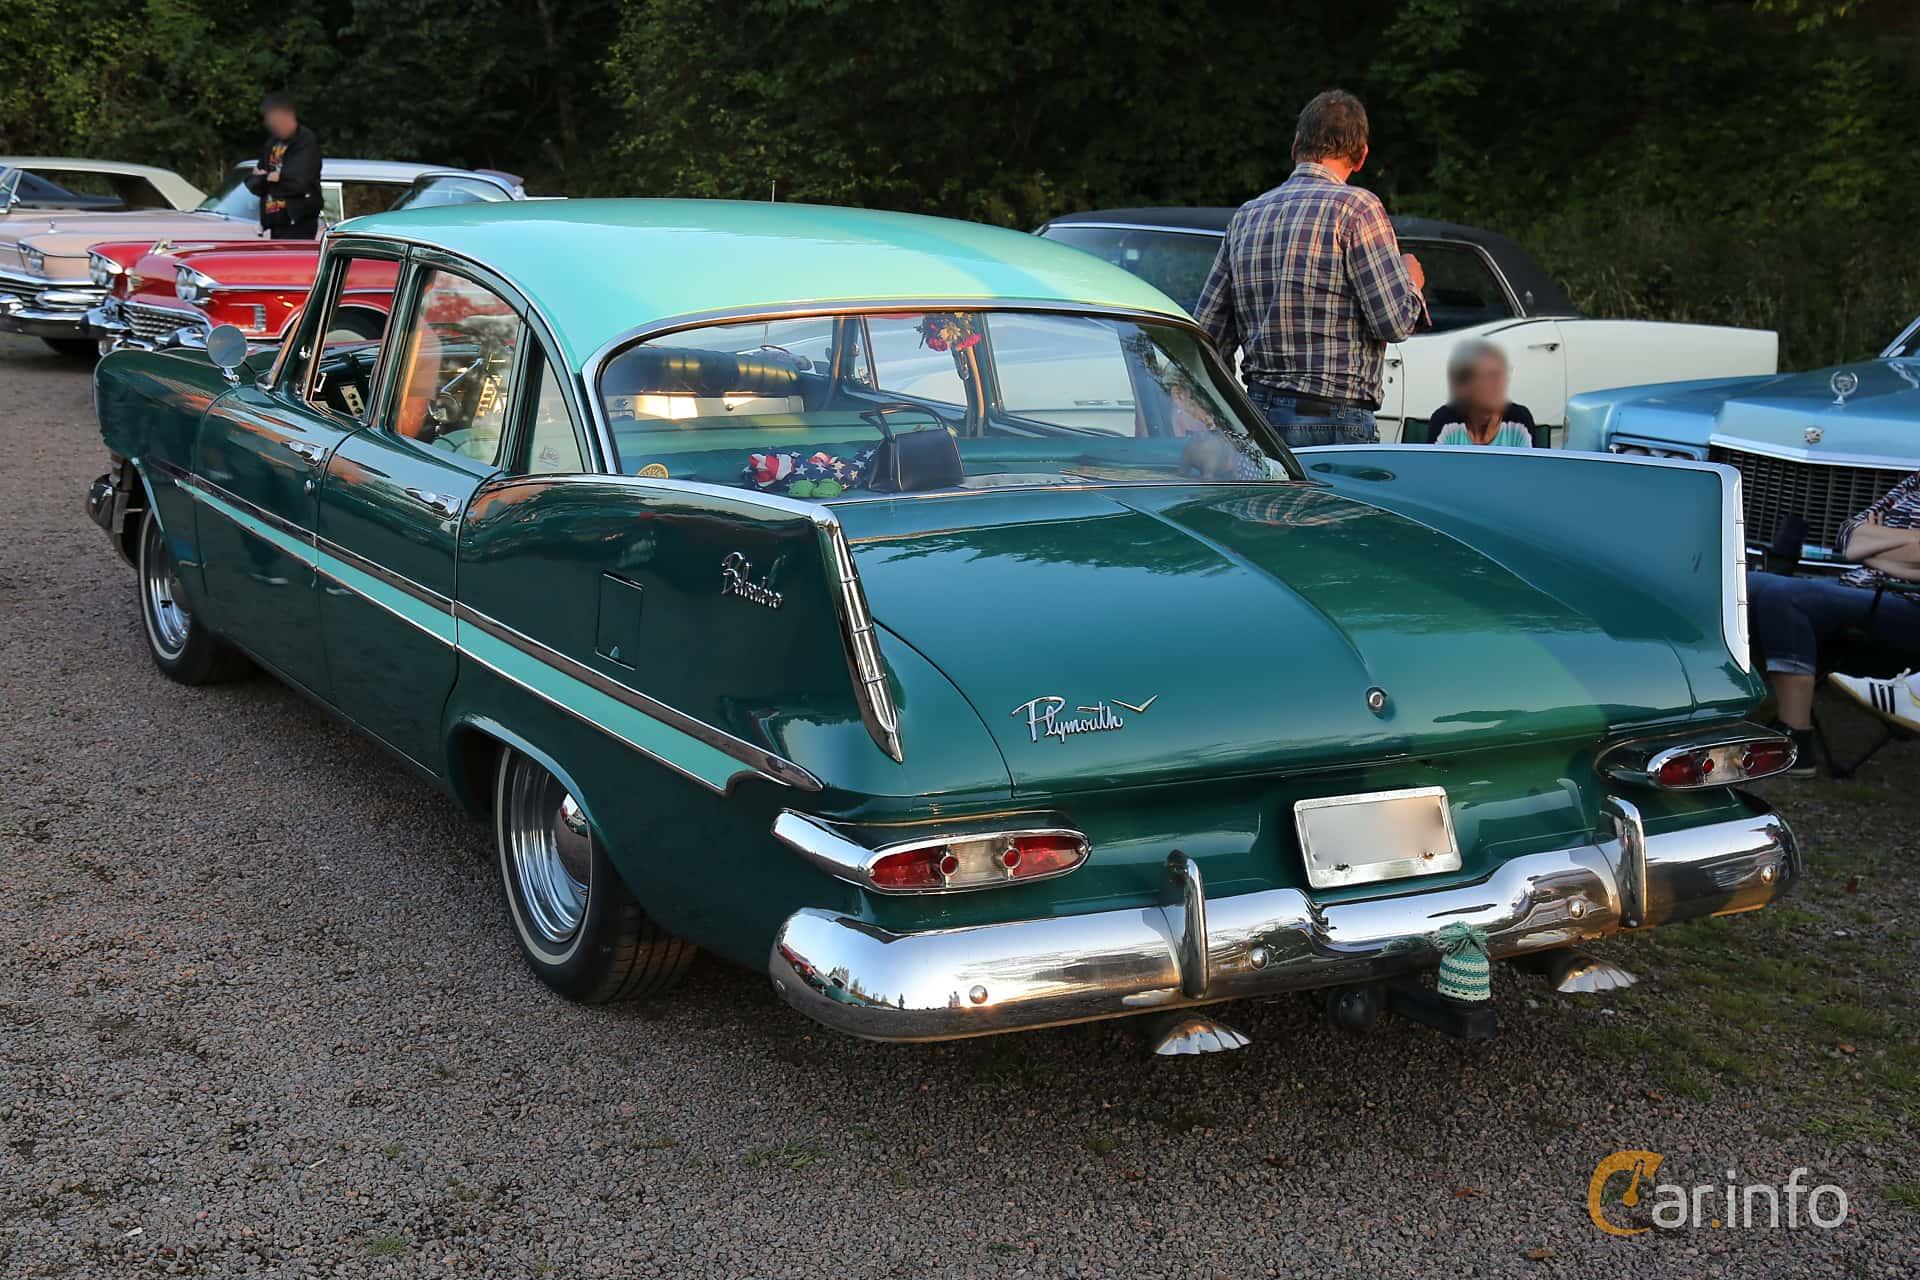 Plymouth Belvedere 4-door Sedan 5.2 V8 TorqueFlite, 233hp, 1959